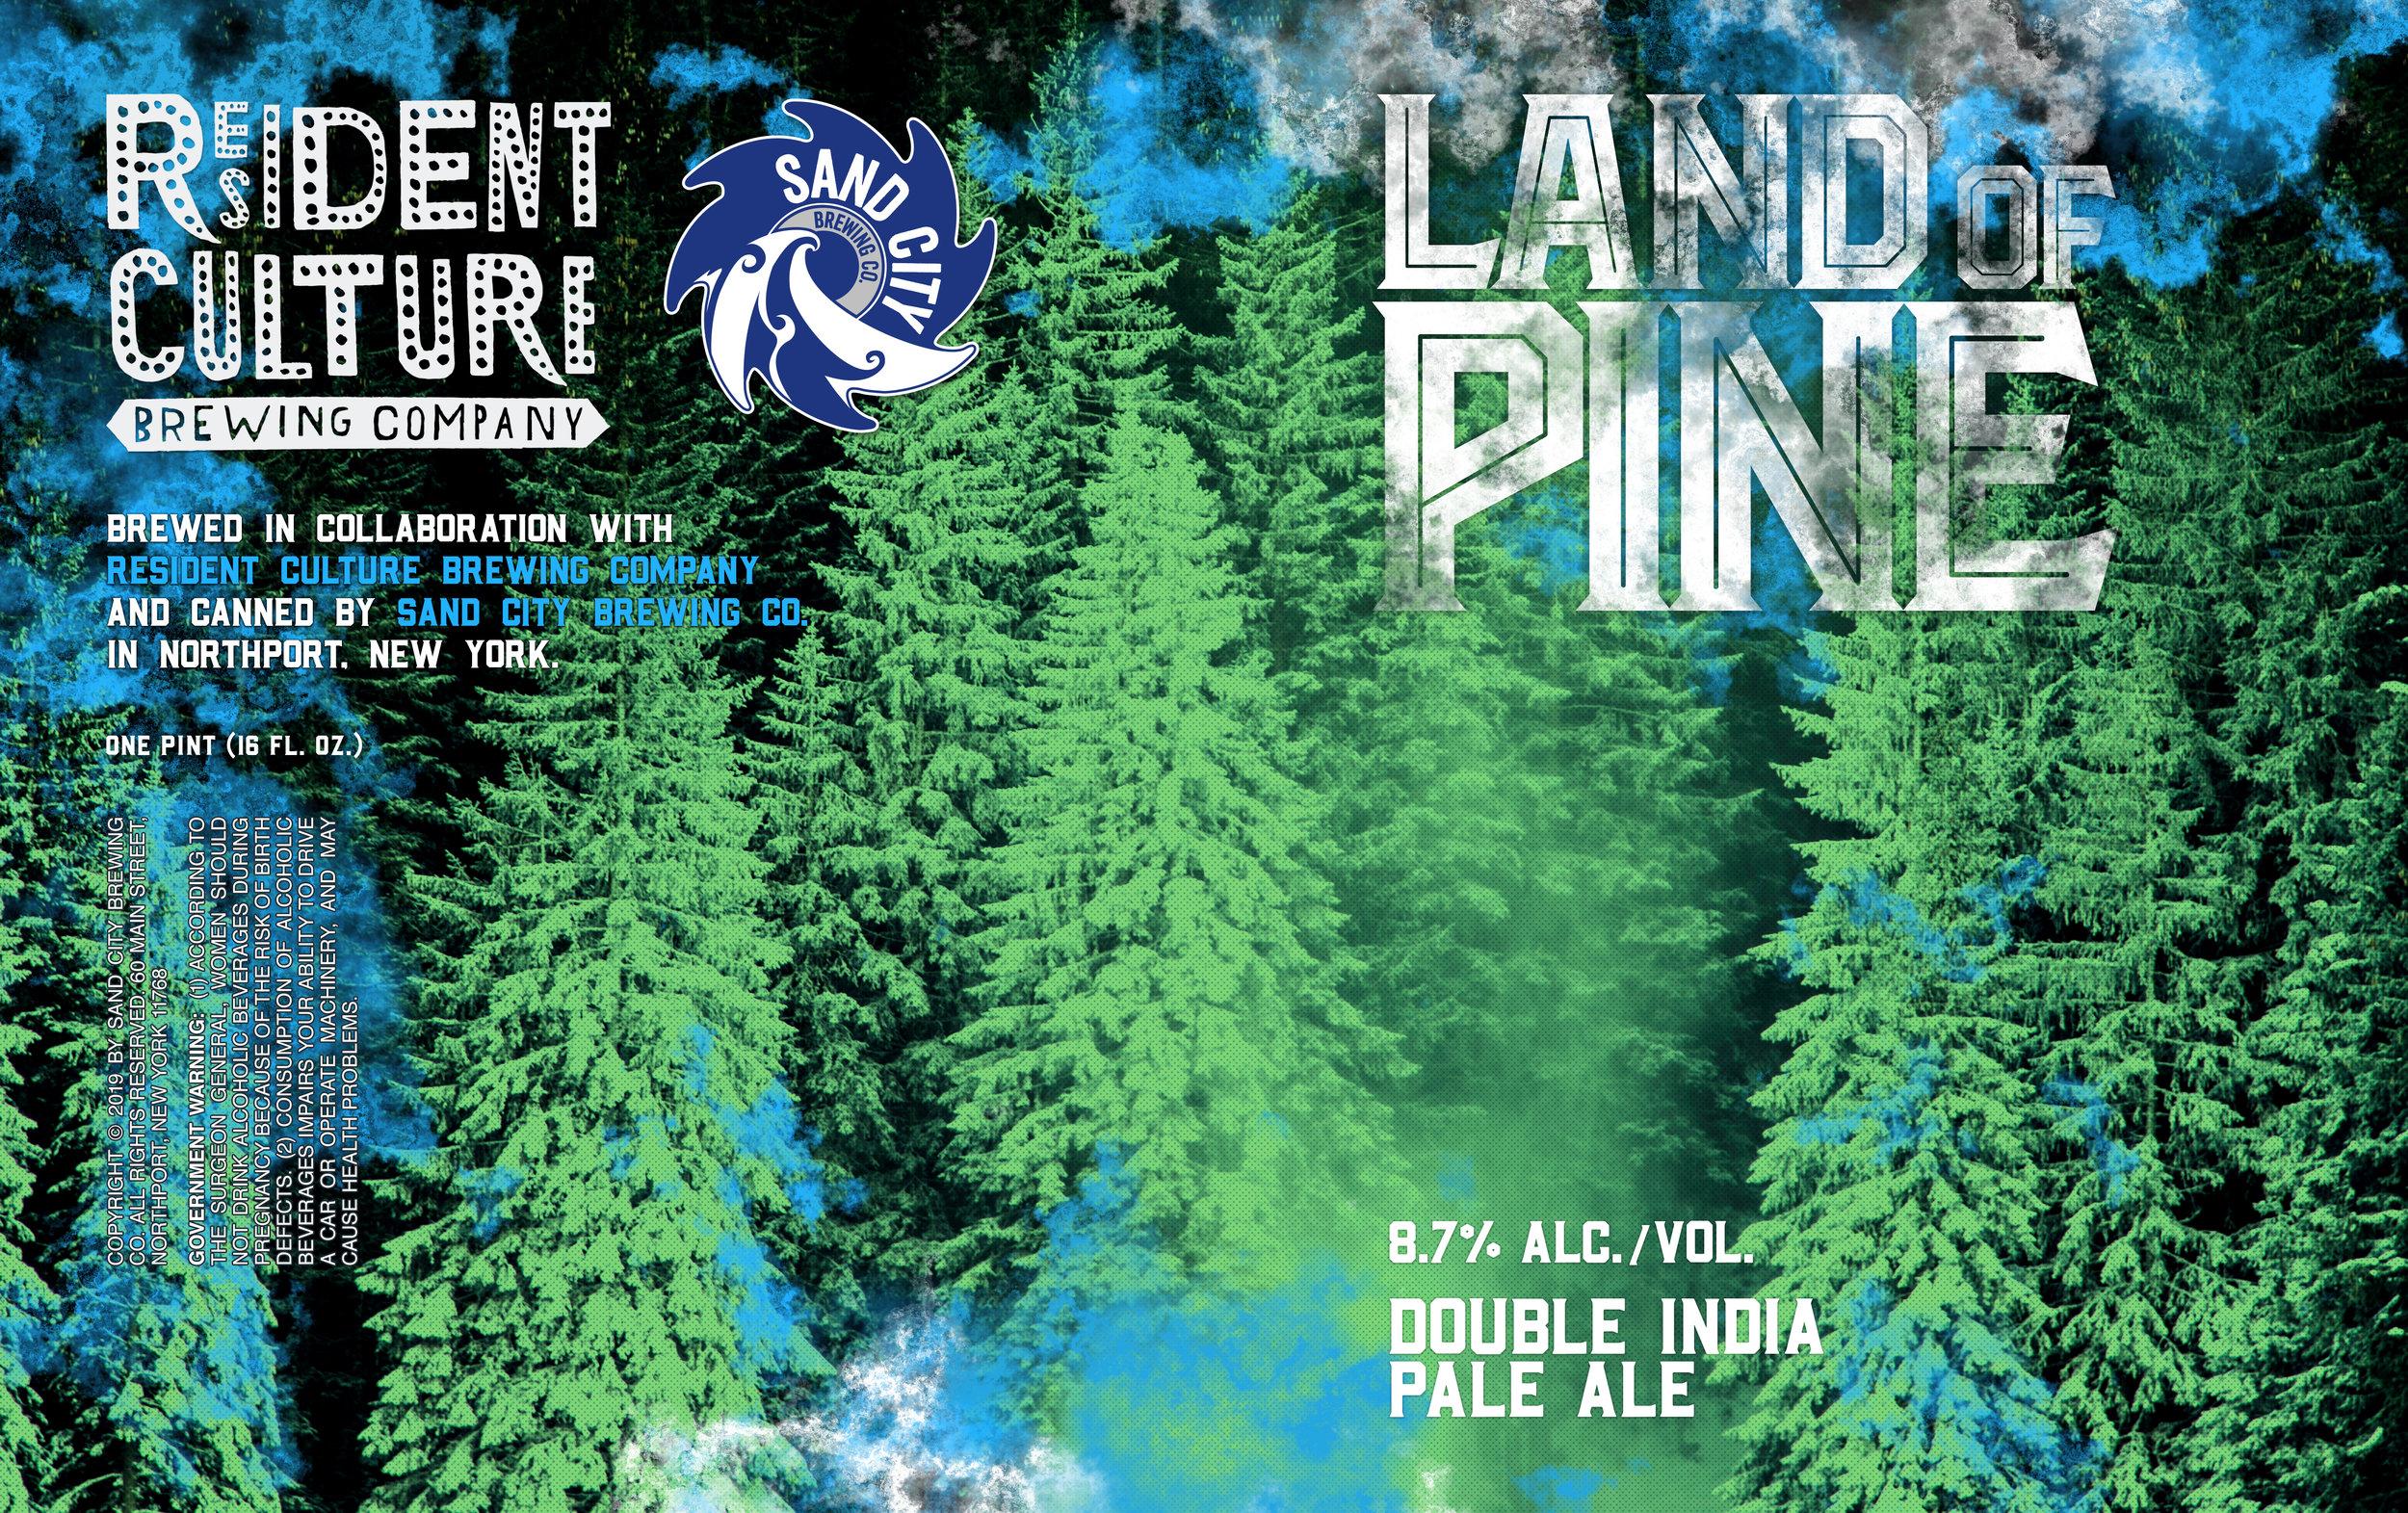 LAND OF PINE